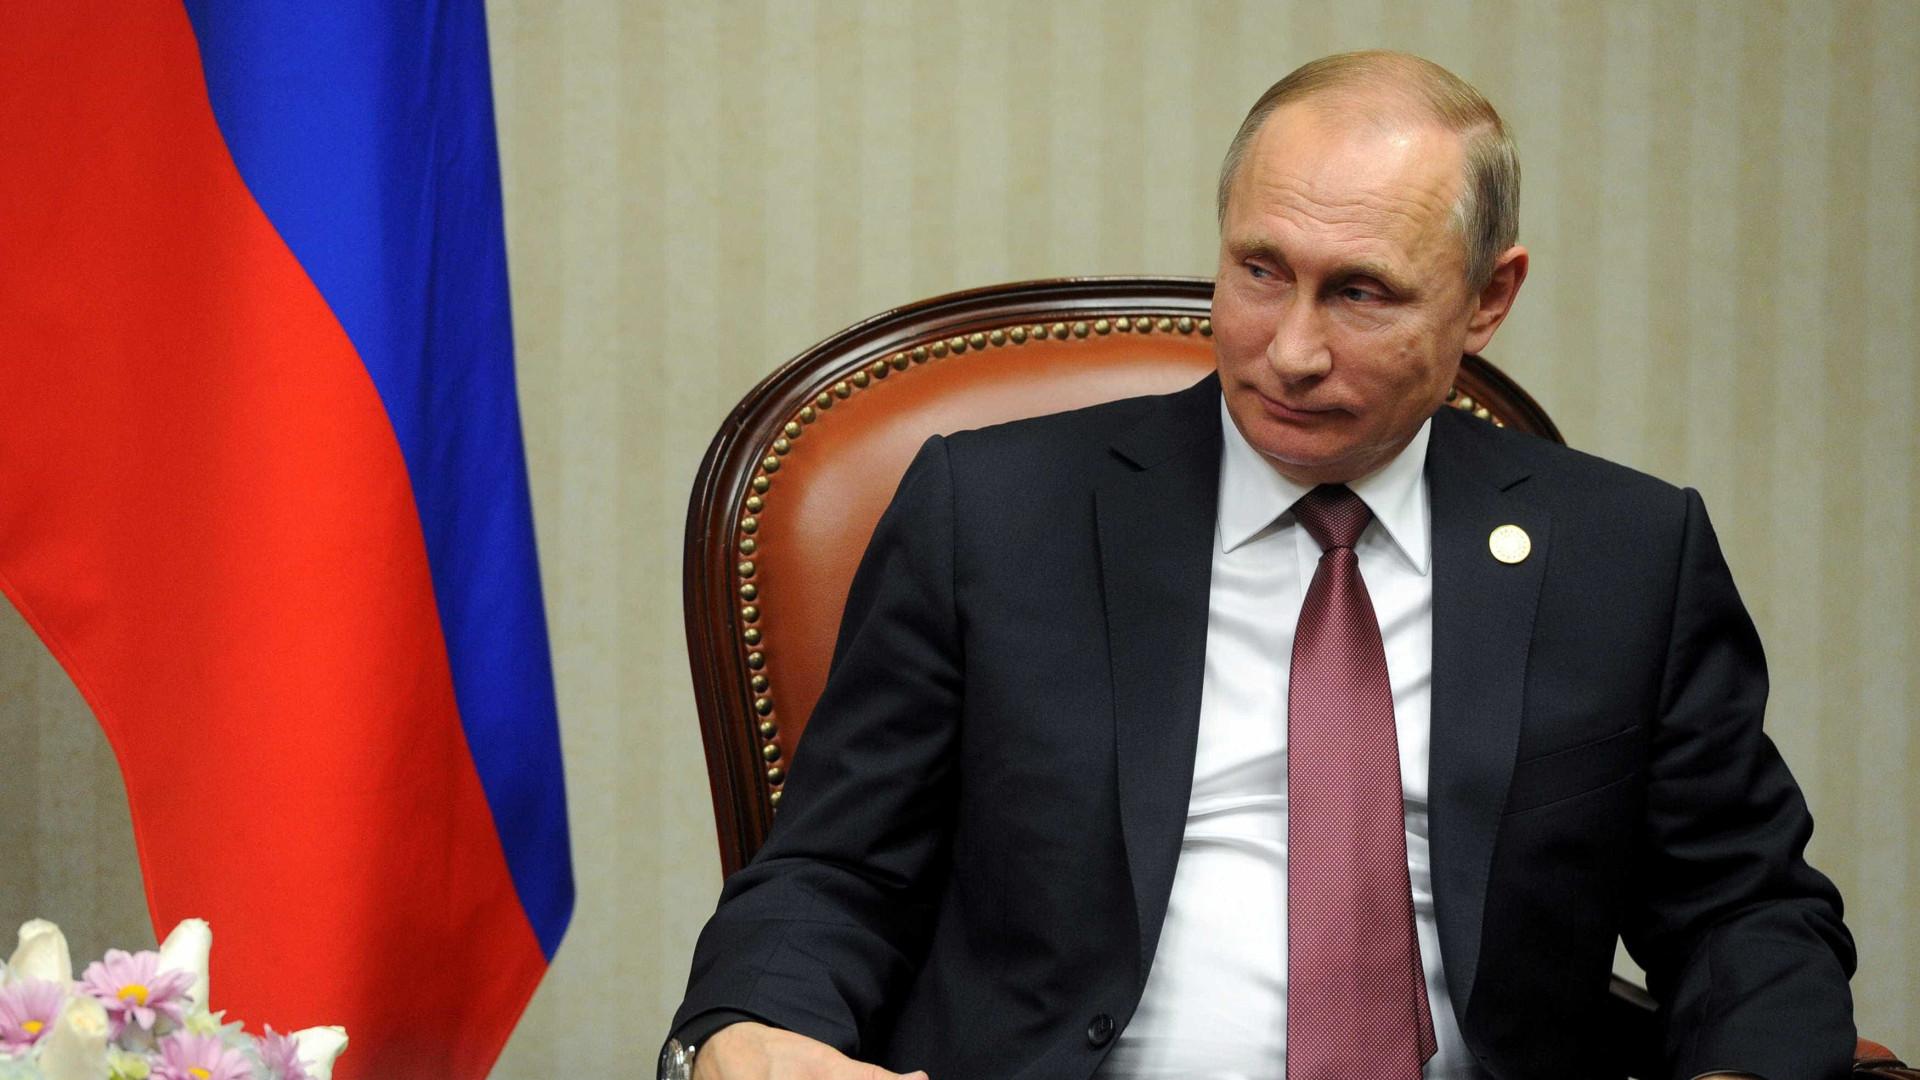 Referendo de Putin busca legitimar manobra para manutenção do poder